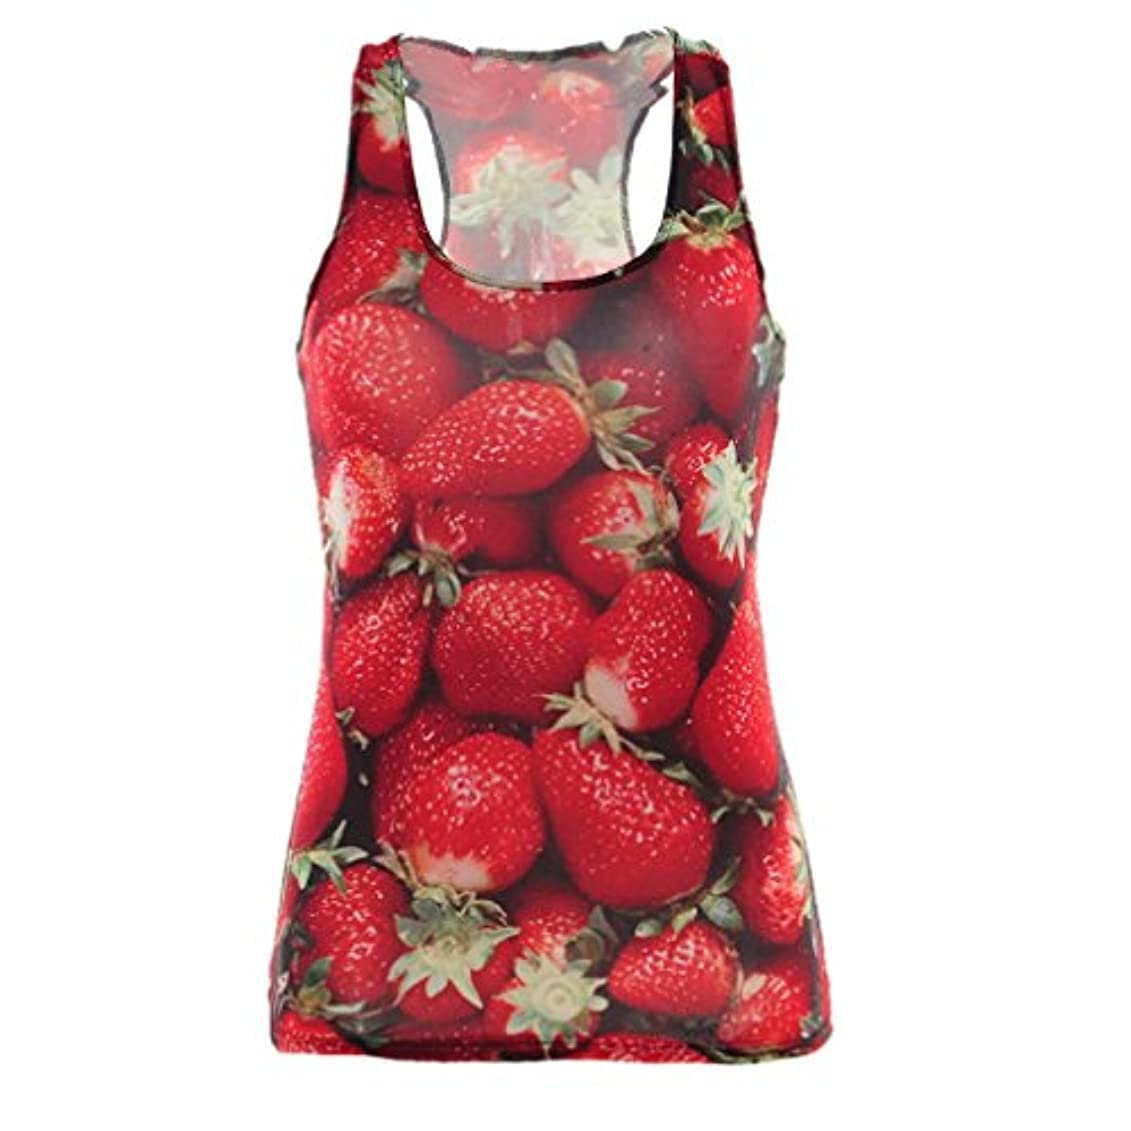 感嘆まあ真似る(ビグッド)Bigood プリントノースリーブTシャツ タンクトップ カットソー レディース インナー ダンス ウェア フィットネス イチゴ